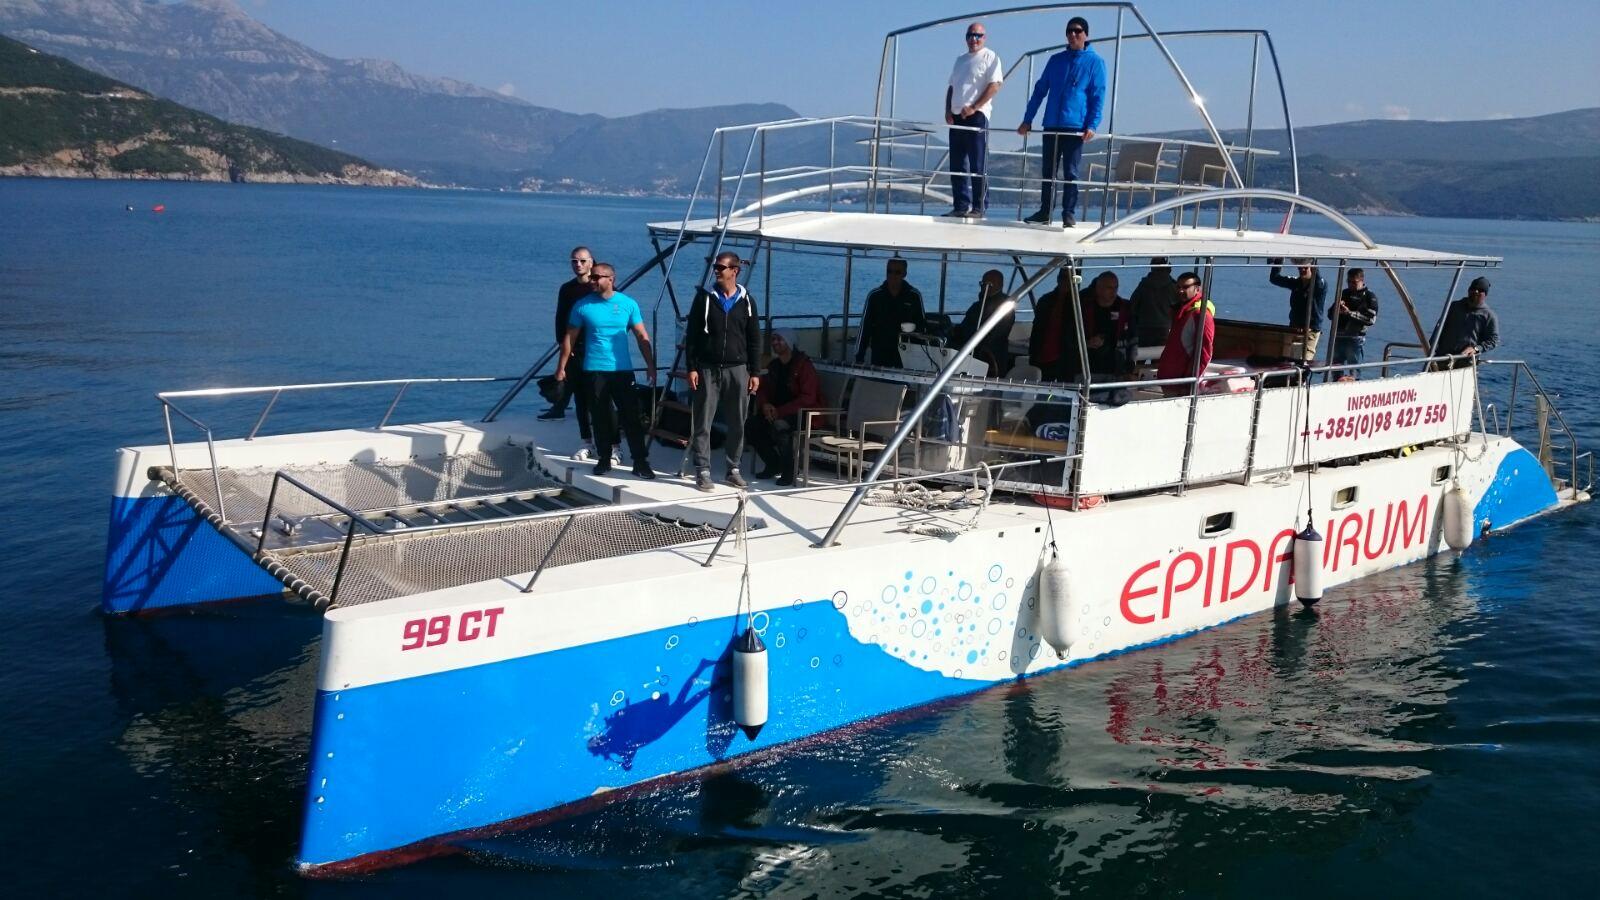 Dio učesnika jučerašnje ronilačke ekspedocije